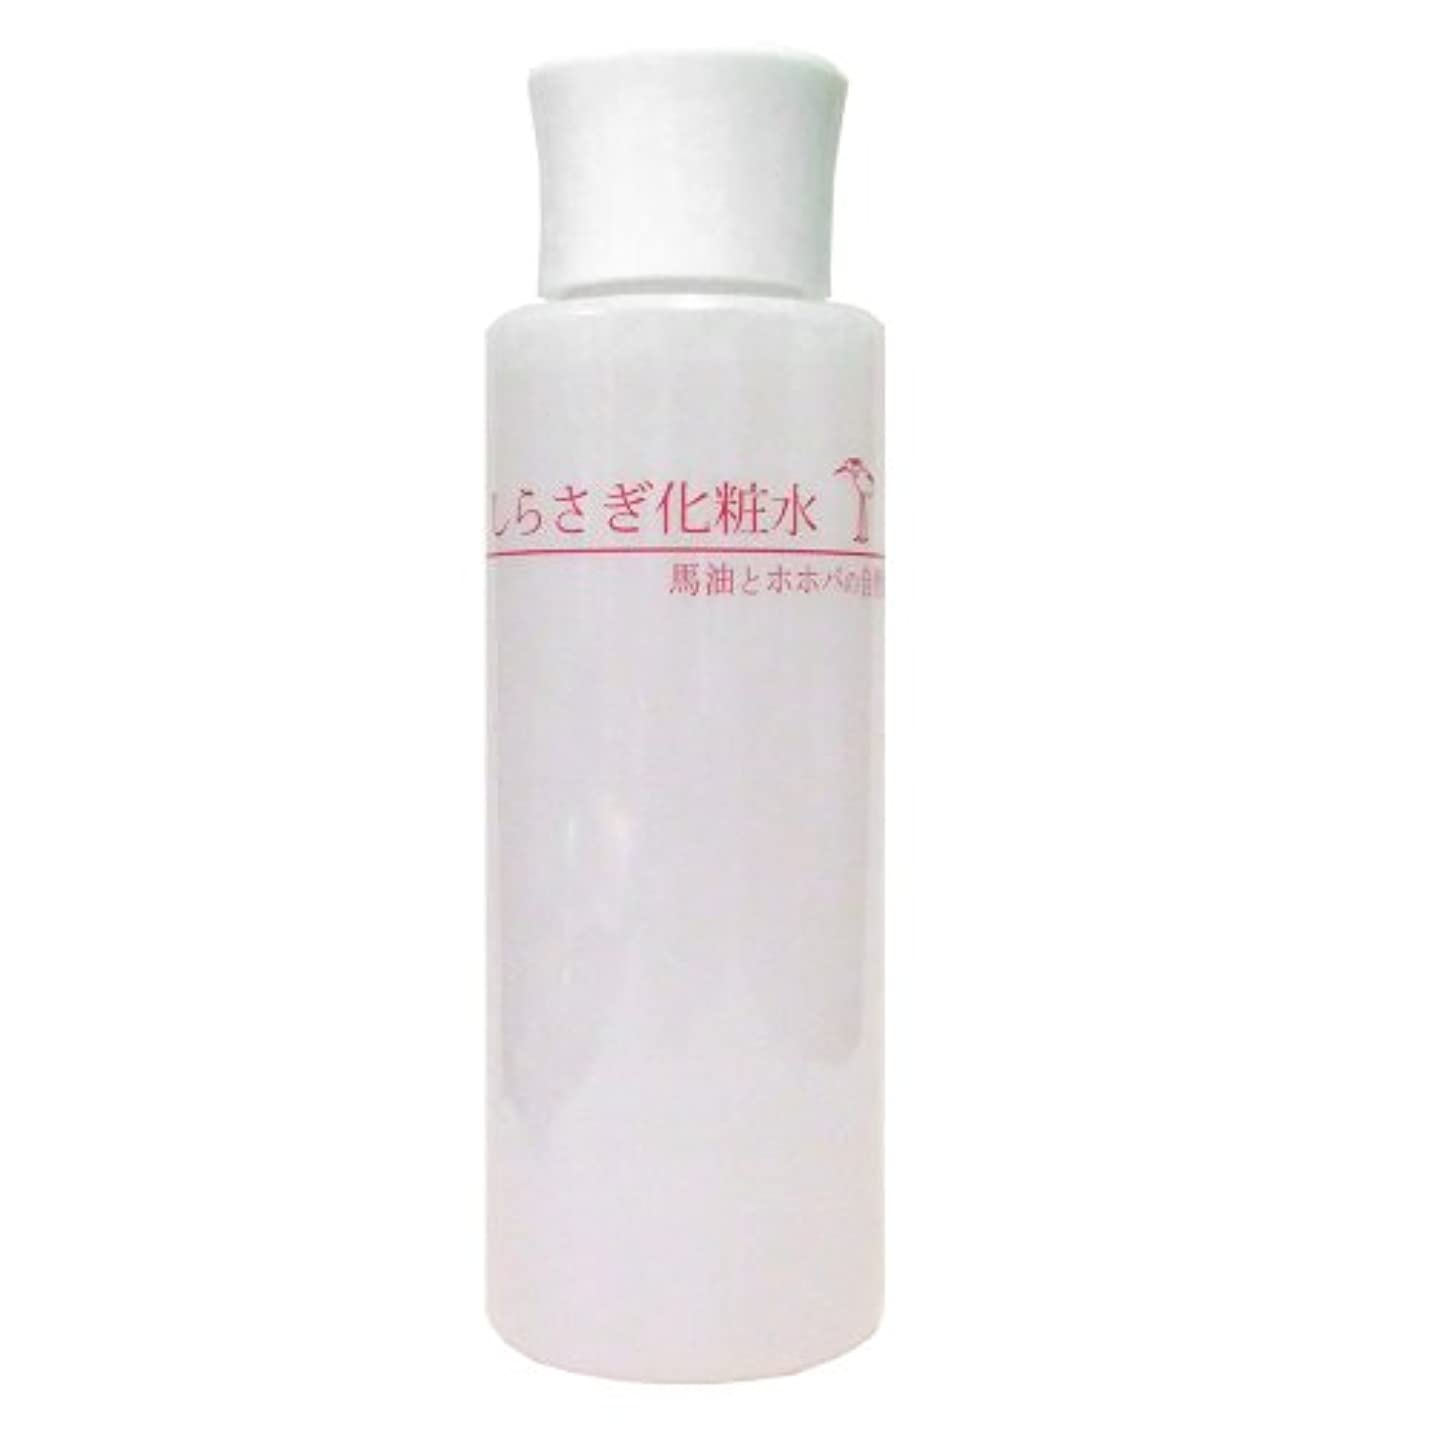 フライカイト構想するプロットしらさぎ化粧水